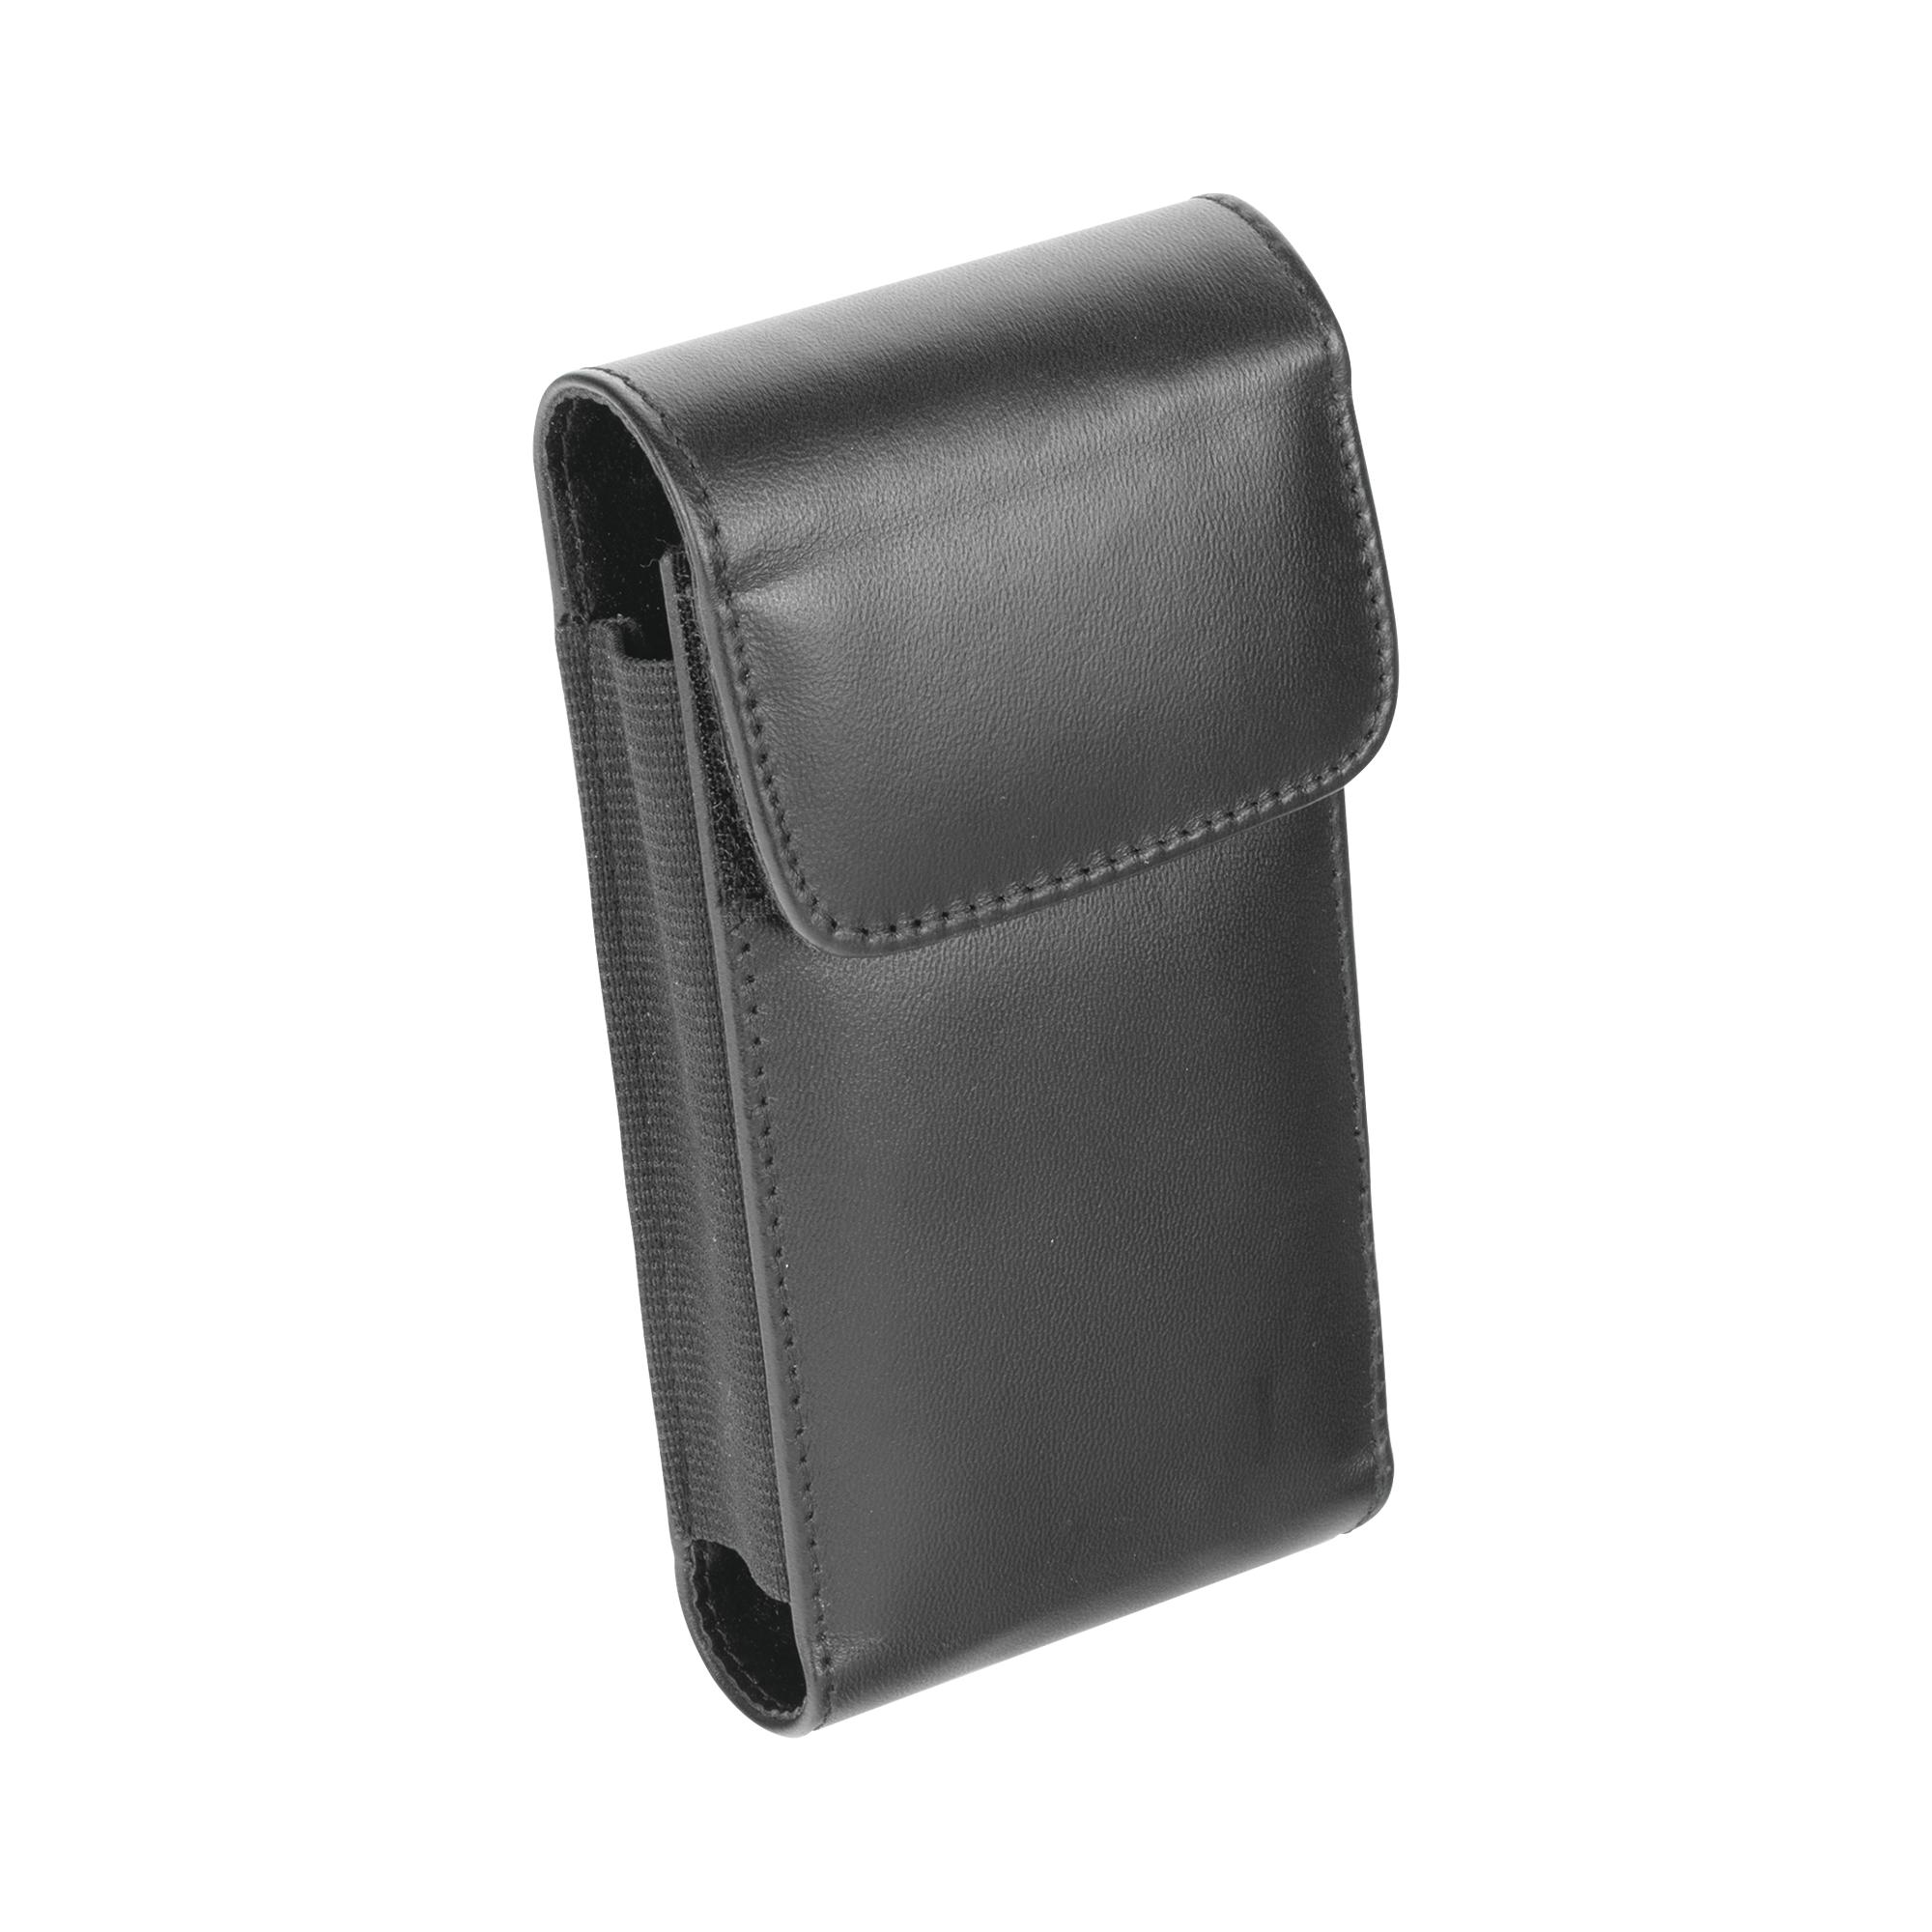 Funda Reforzada de Piel con Clip para el Radio Smartphone KWSA-50K.